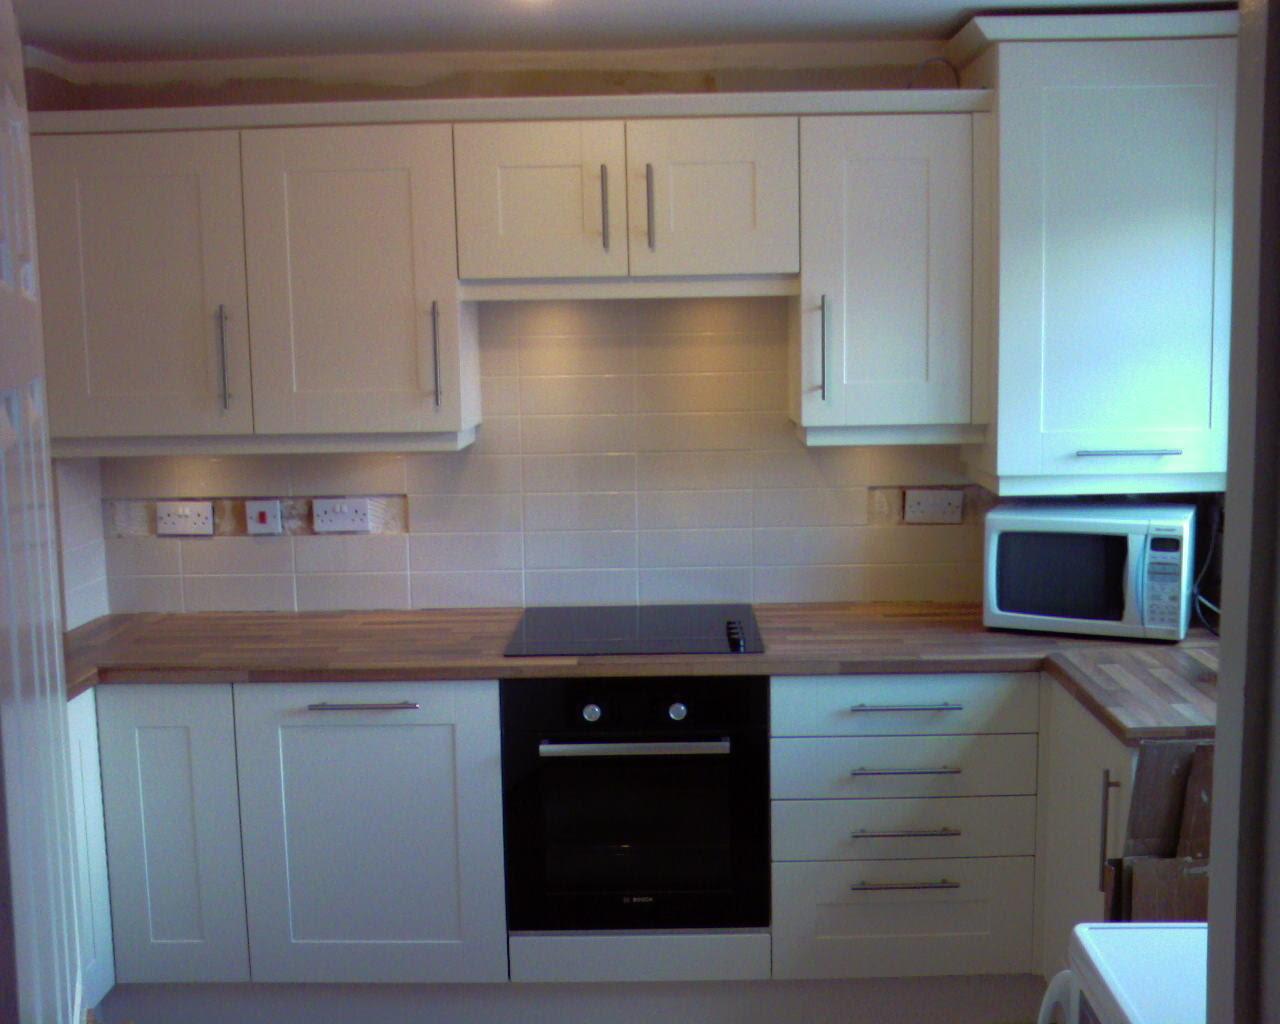 Tile Floor for Kitchen